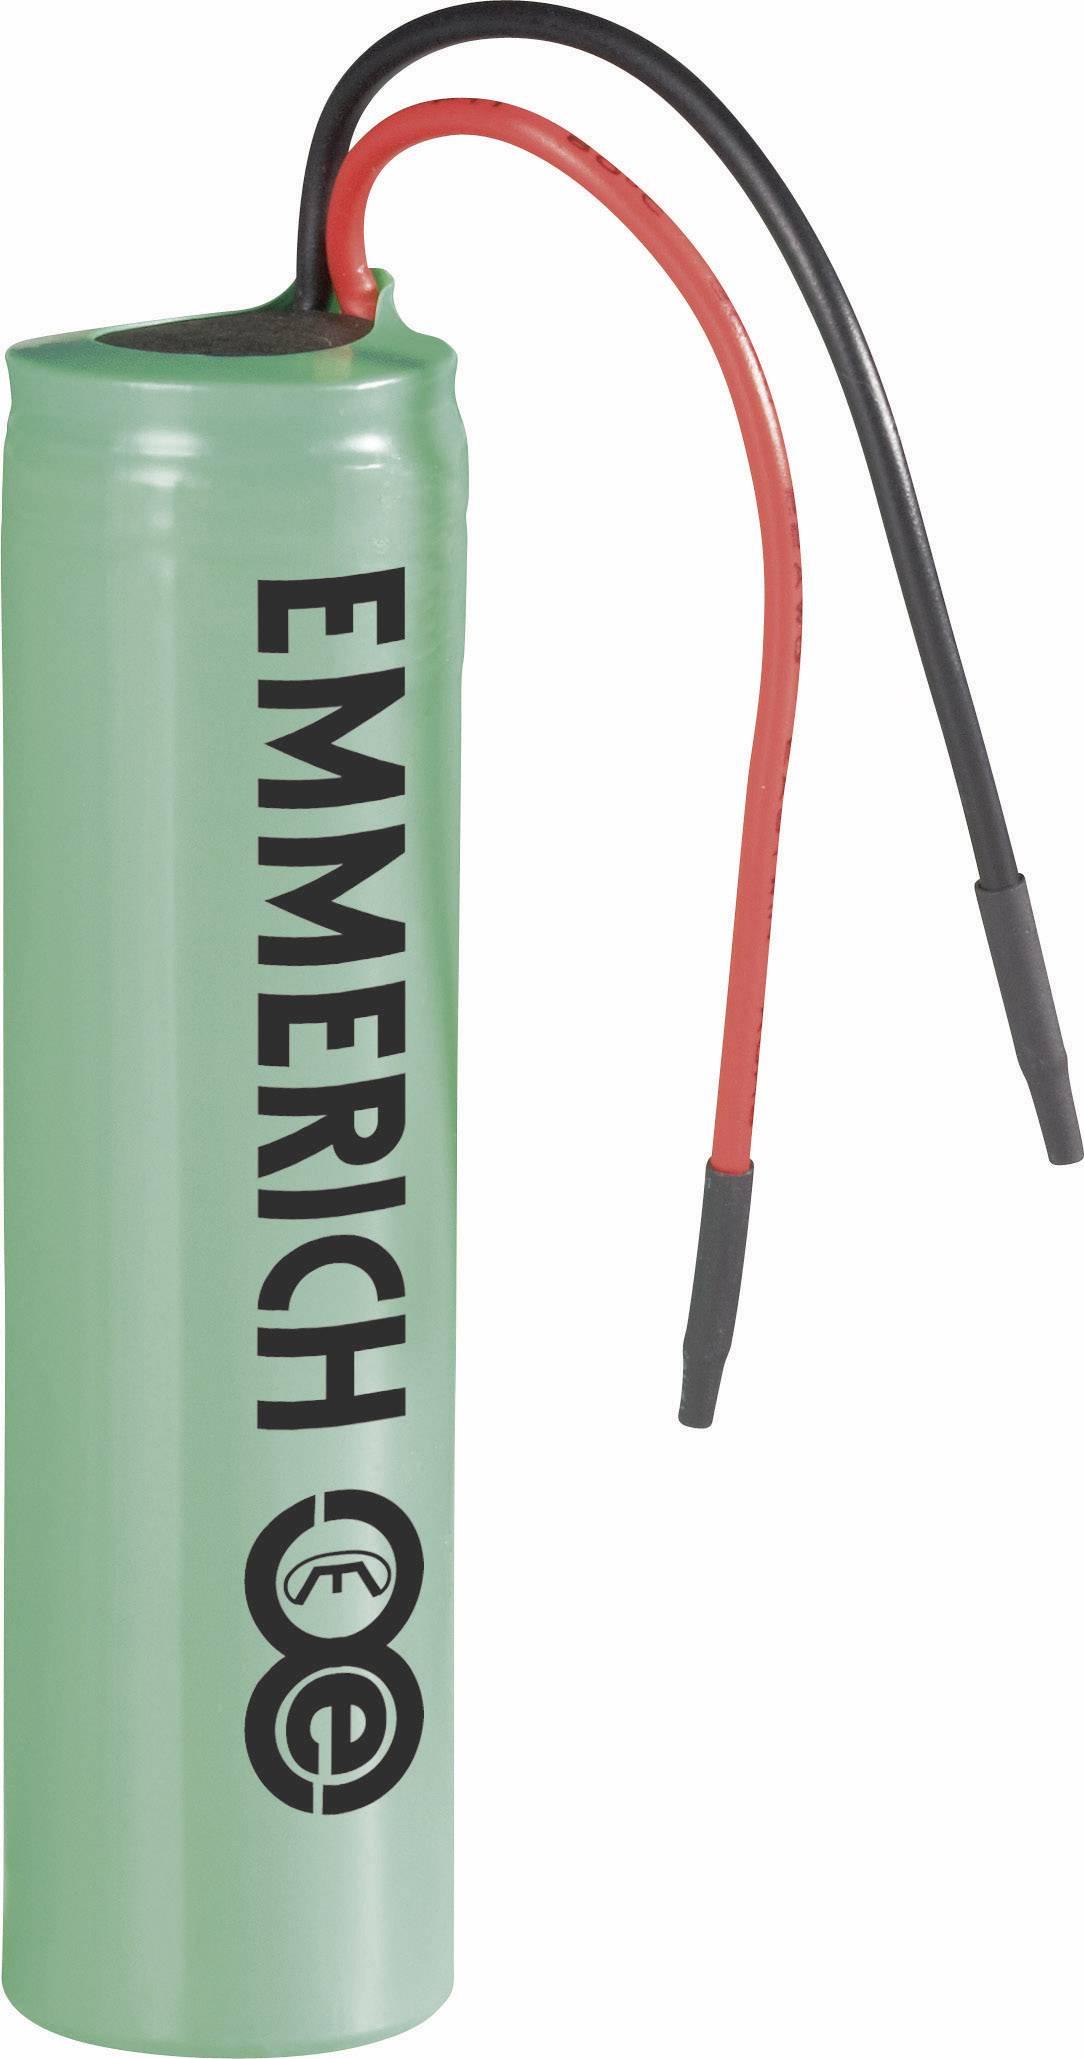 Špeciálny akumulátor Emmerich ICR-18650NQ-SP, 18650, Li-Ion akumulátor, 3.7 V, 2600 mAh